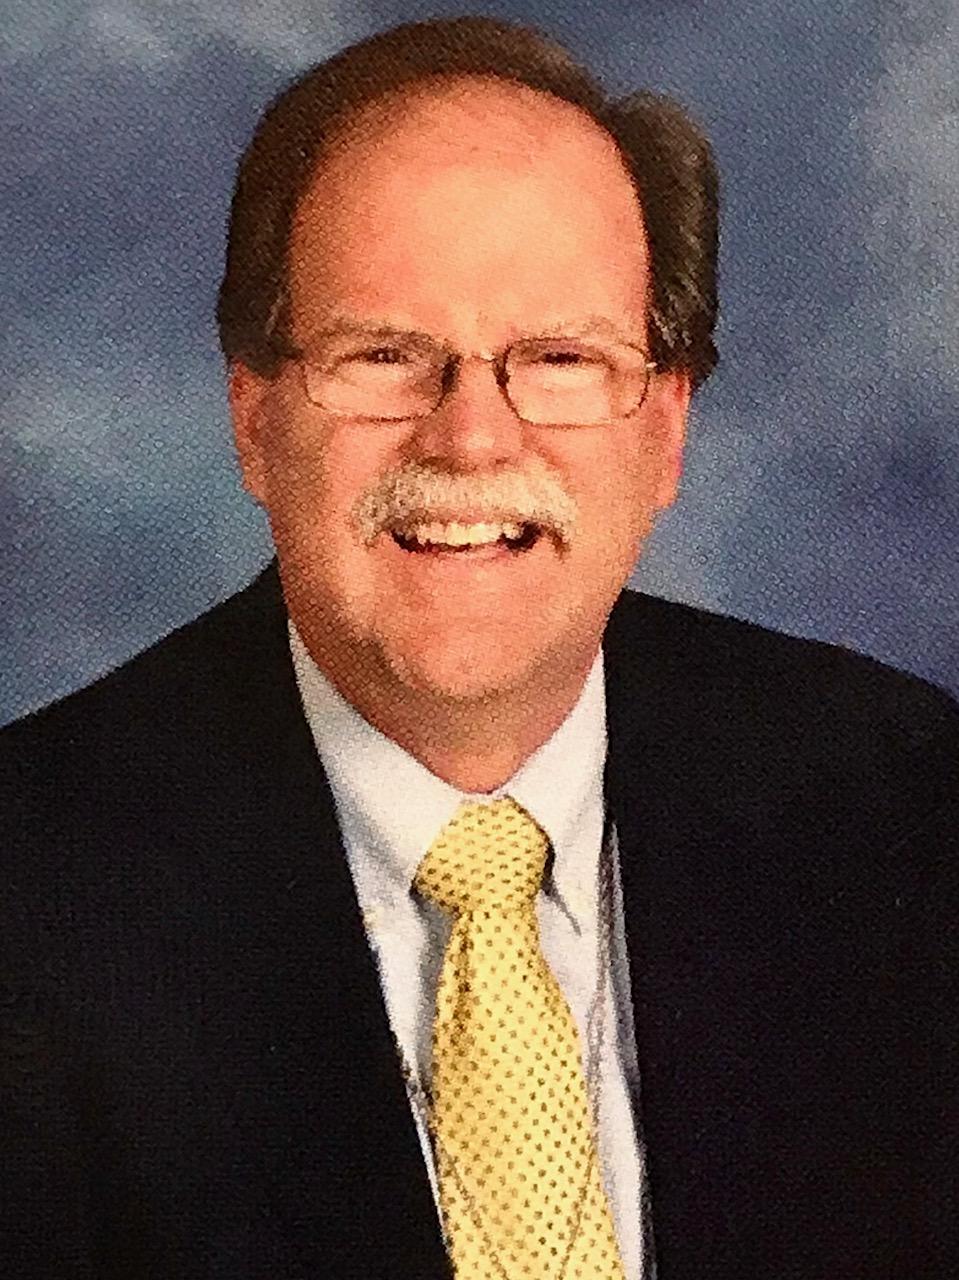 Pastor John Gregory - Pastor